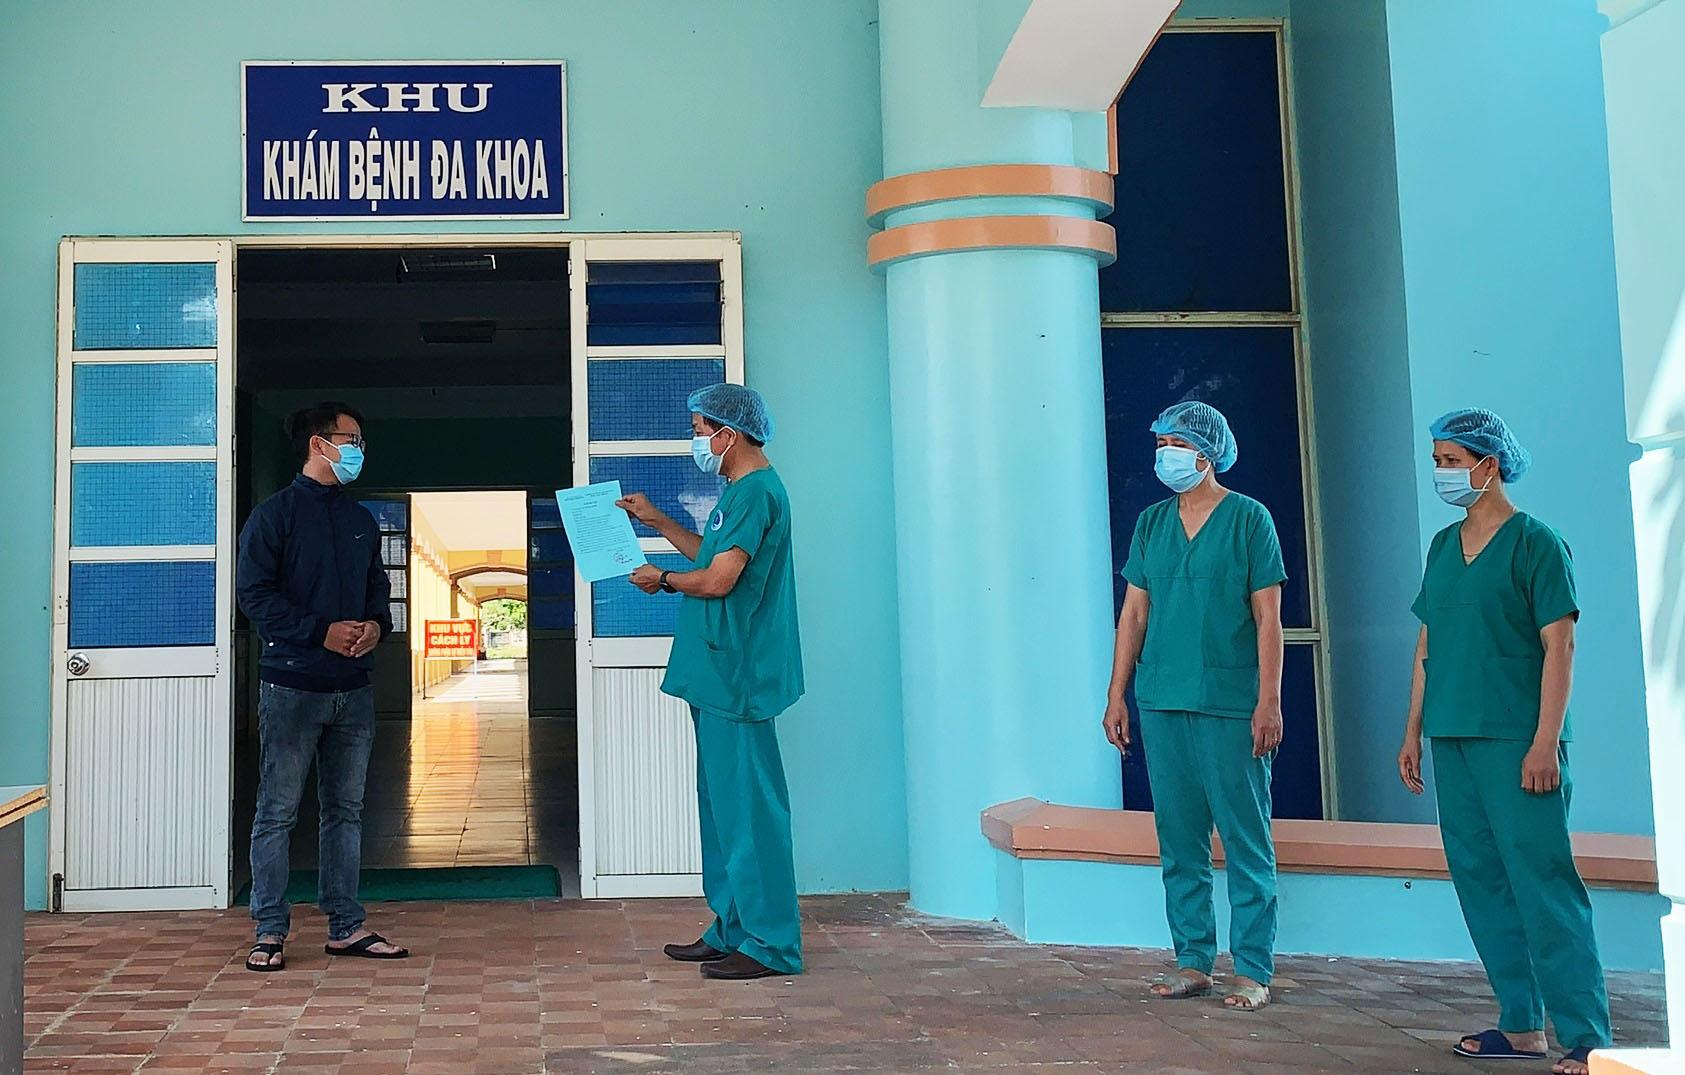 Bác sĩ Võ Hùng Viễn, giám đốc trung tâm y tế huyện Bình Sơn công bố và trao chứng nhận cho BN 3067 xuất viện